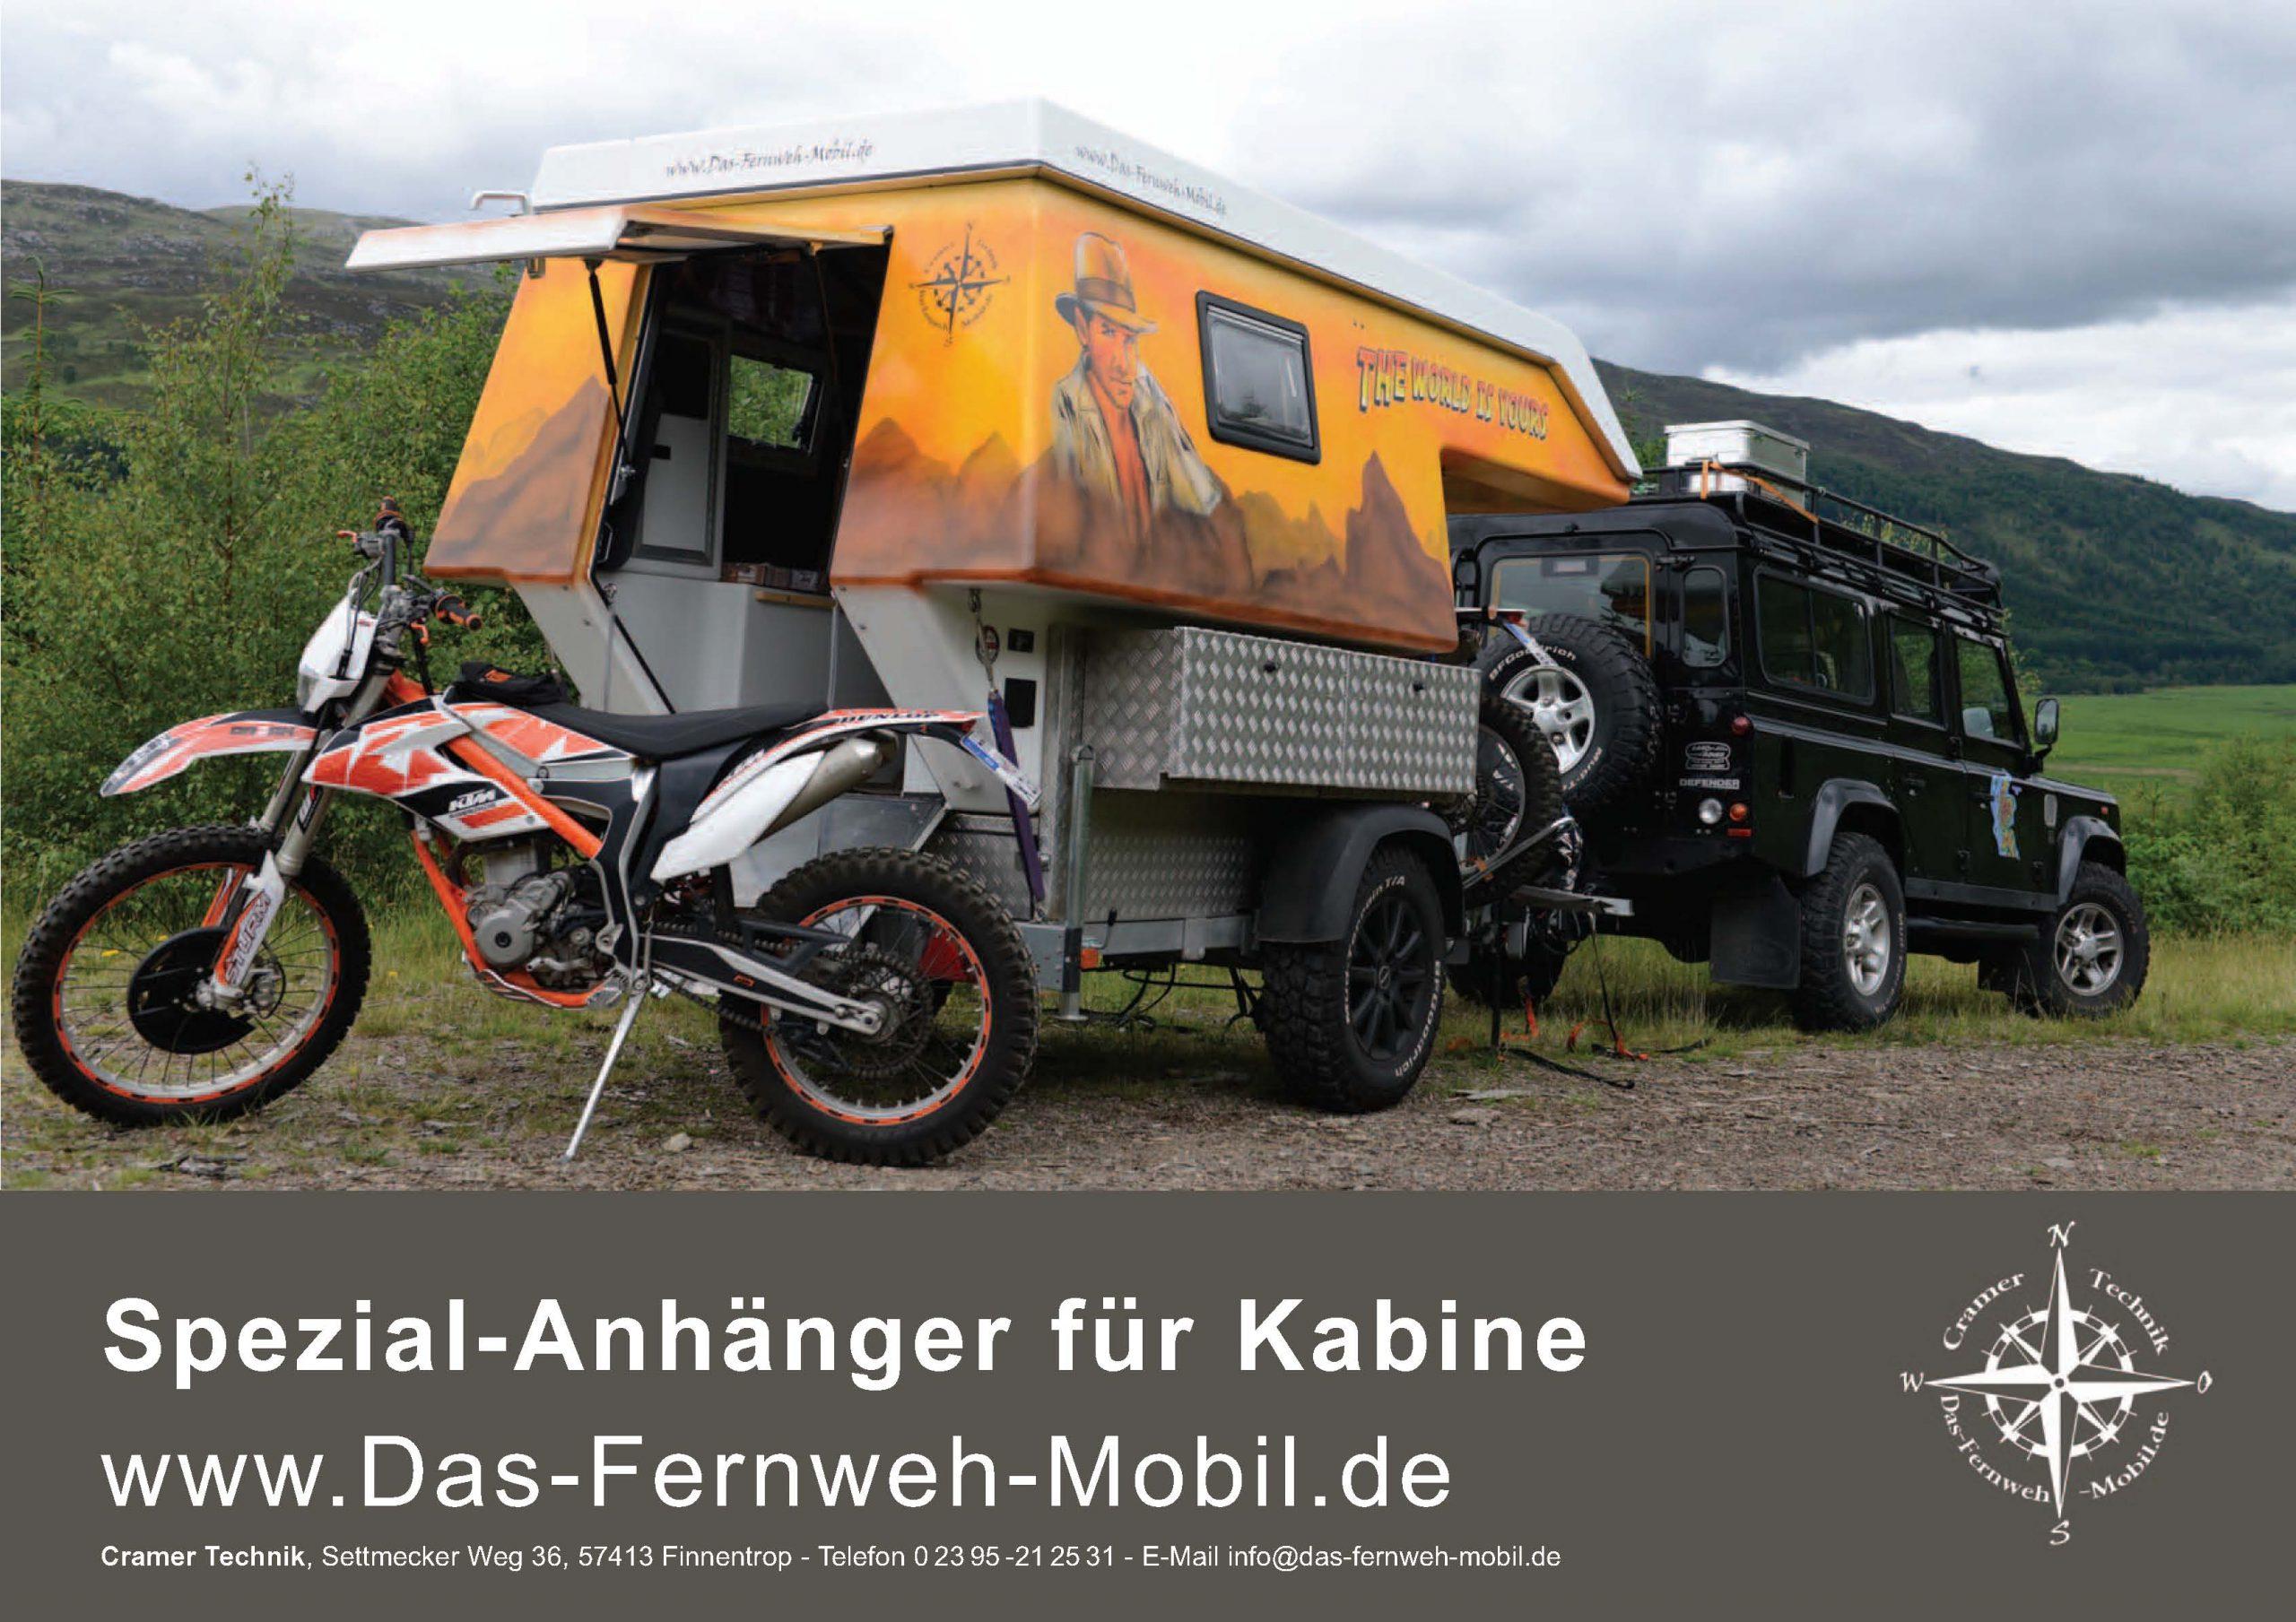 Datenblatt-Fernweh-Anhaenger-102019-k_Seite_1